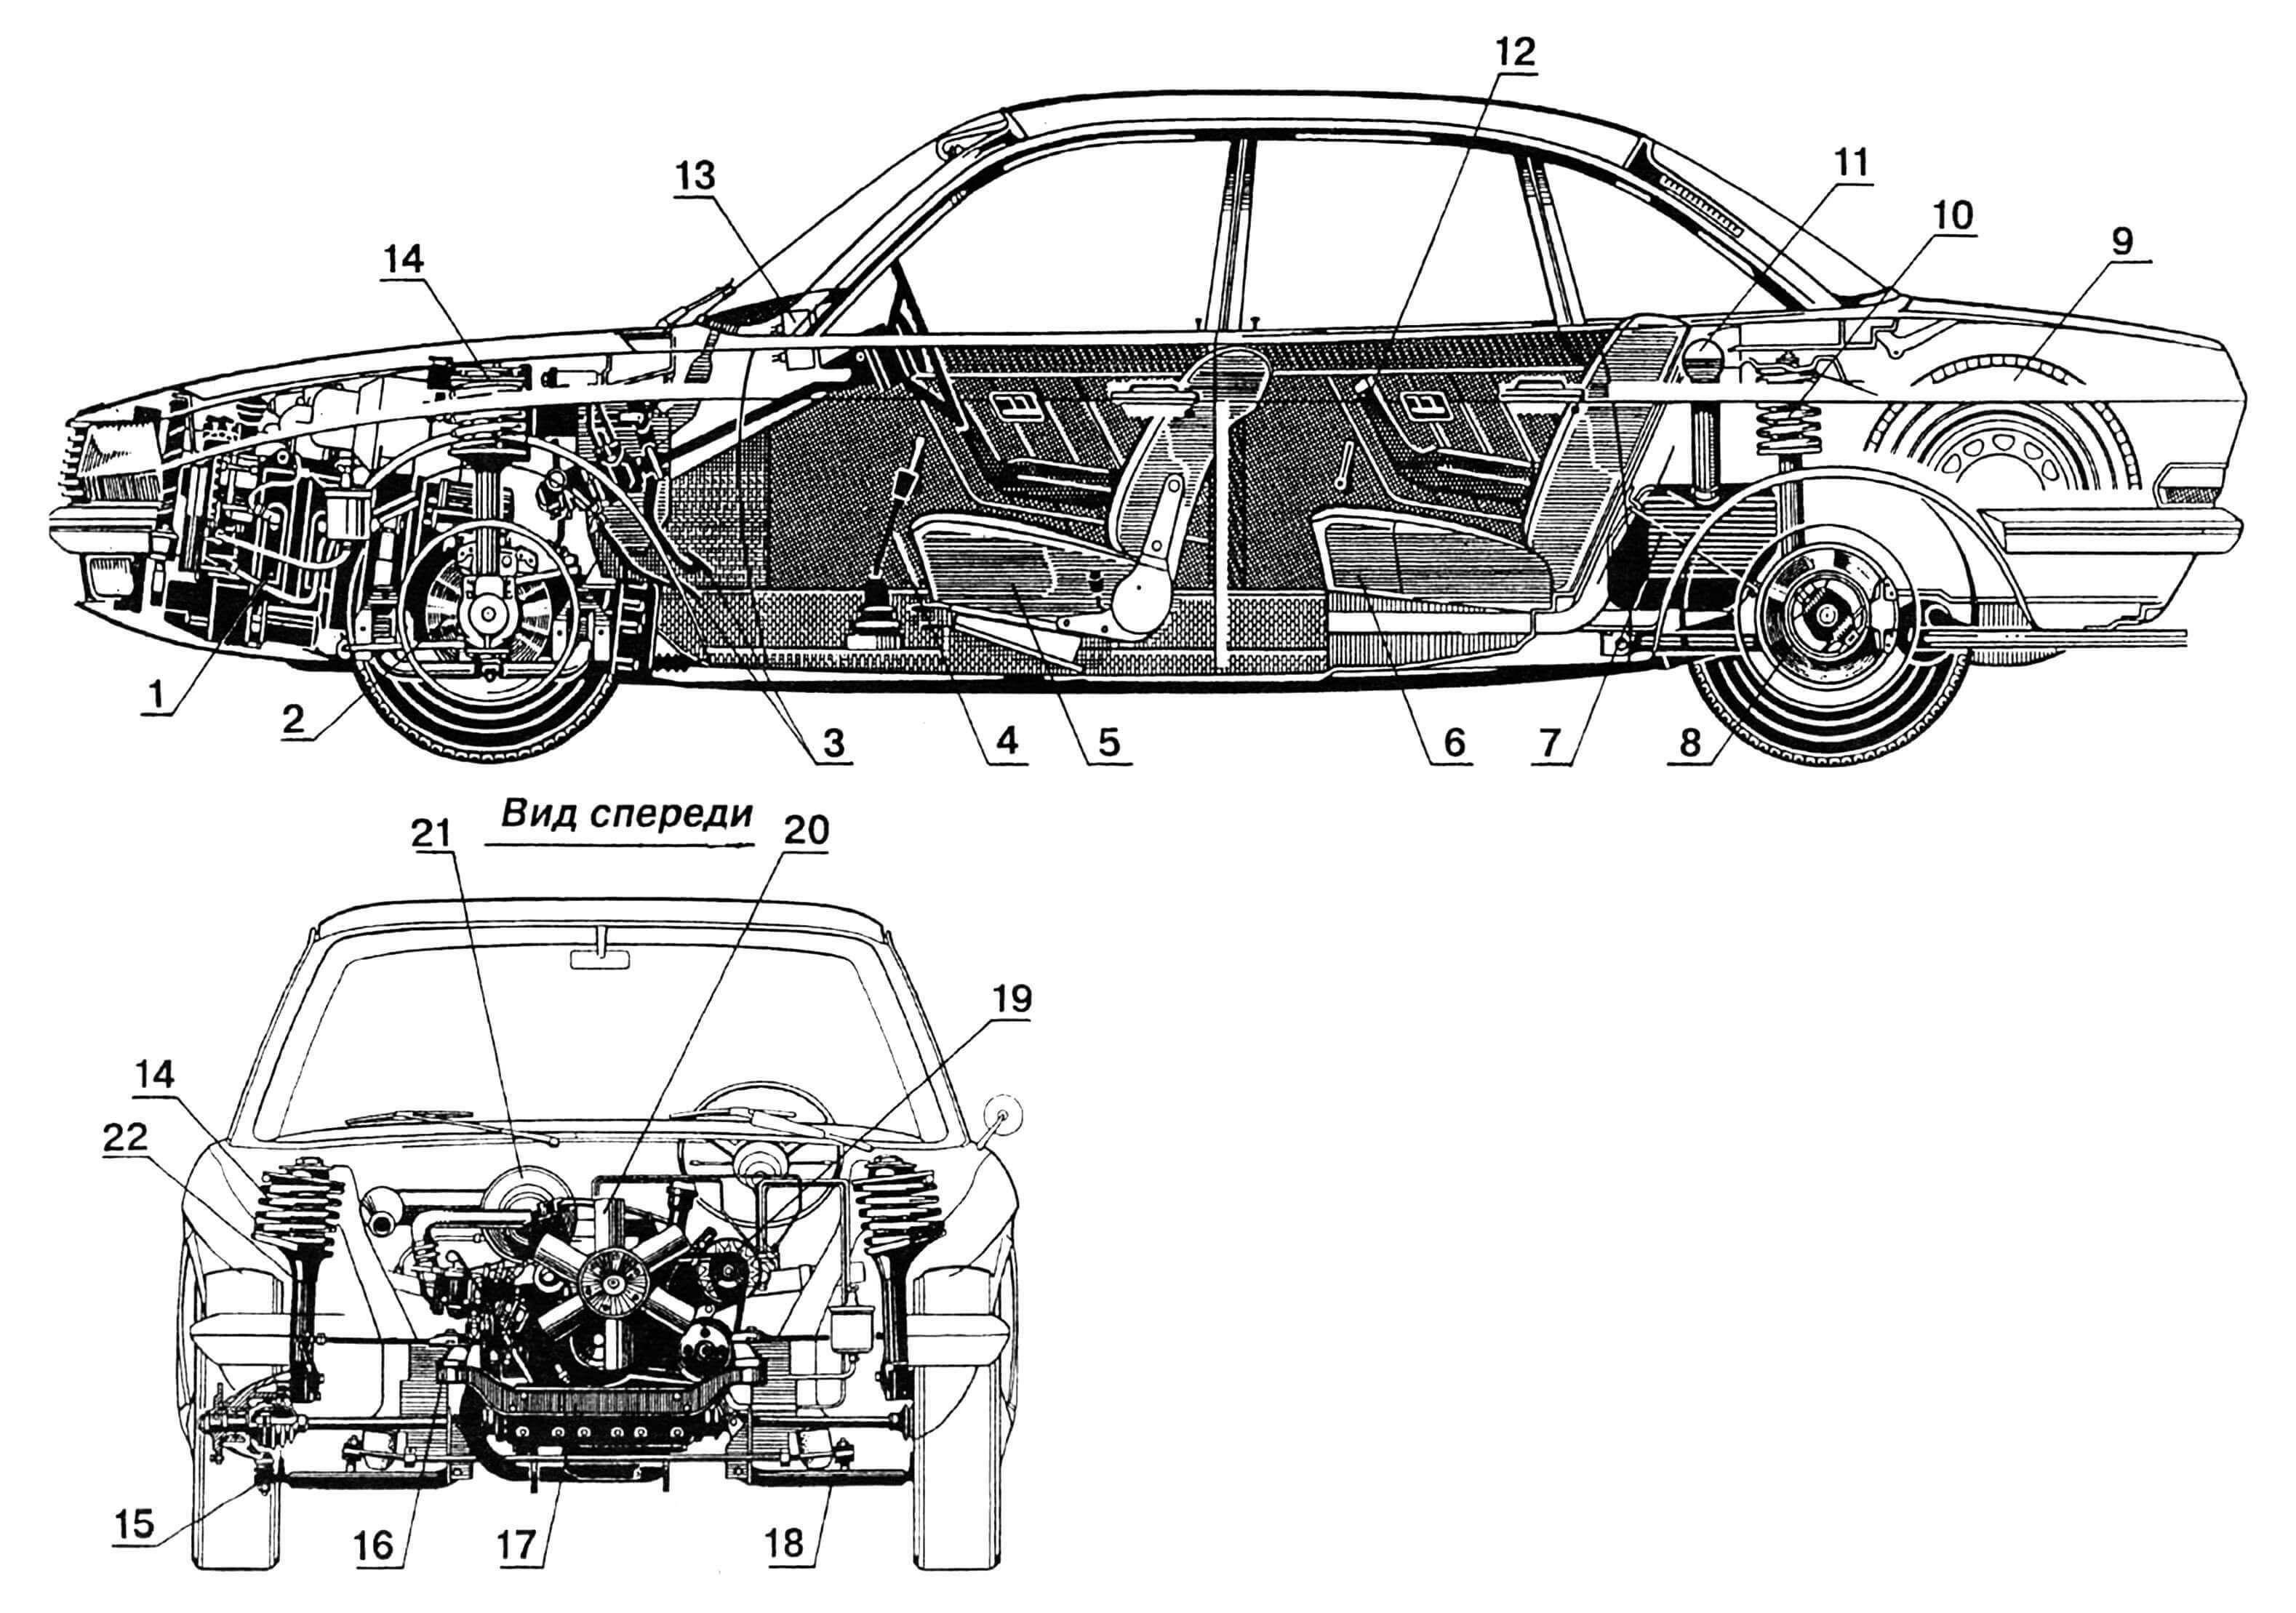 Компоновка автомобиля: 1 — двигатель; 2 — диск тормозной передний; 3 — педали; 4 — рычаг переключения передач; 5 — сиденье переднее; 6 — сиденье заднее; 7 — бензобак; 8 — диск тормозной задний; 9 — колесо запасное; 10 — подвеска задняя; 11 — горловина бензобака заливная; 12 — подлокотник; 13 — панель приборов; 14 — пружины передней подвески; 15 — опора шаровая нижняя; 16 — опора двигателя; 17 — балка передняя; 18 — рычаг поперечный; 19 — генератор; 20 — вентилятор; 21 — фильтр воздушный; 22 — амортизатор передней подвески;